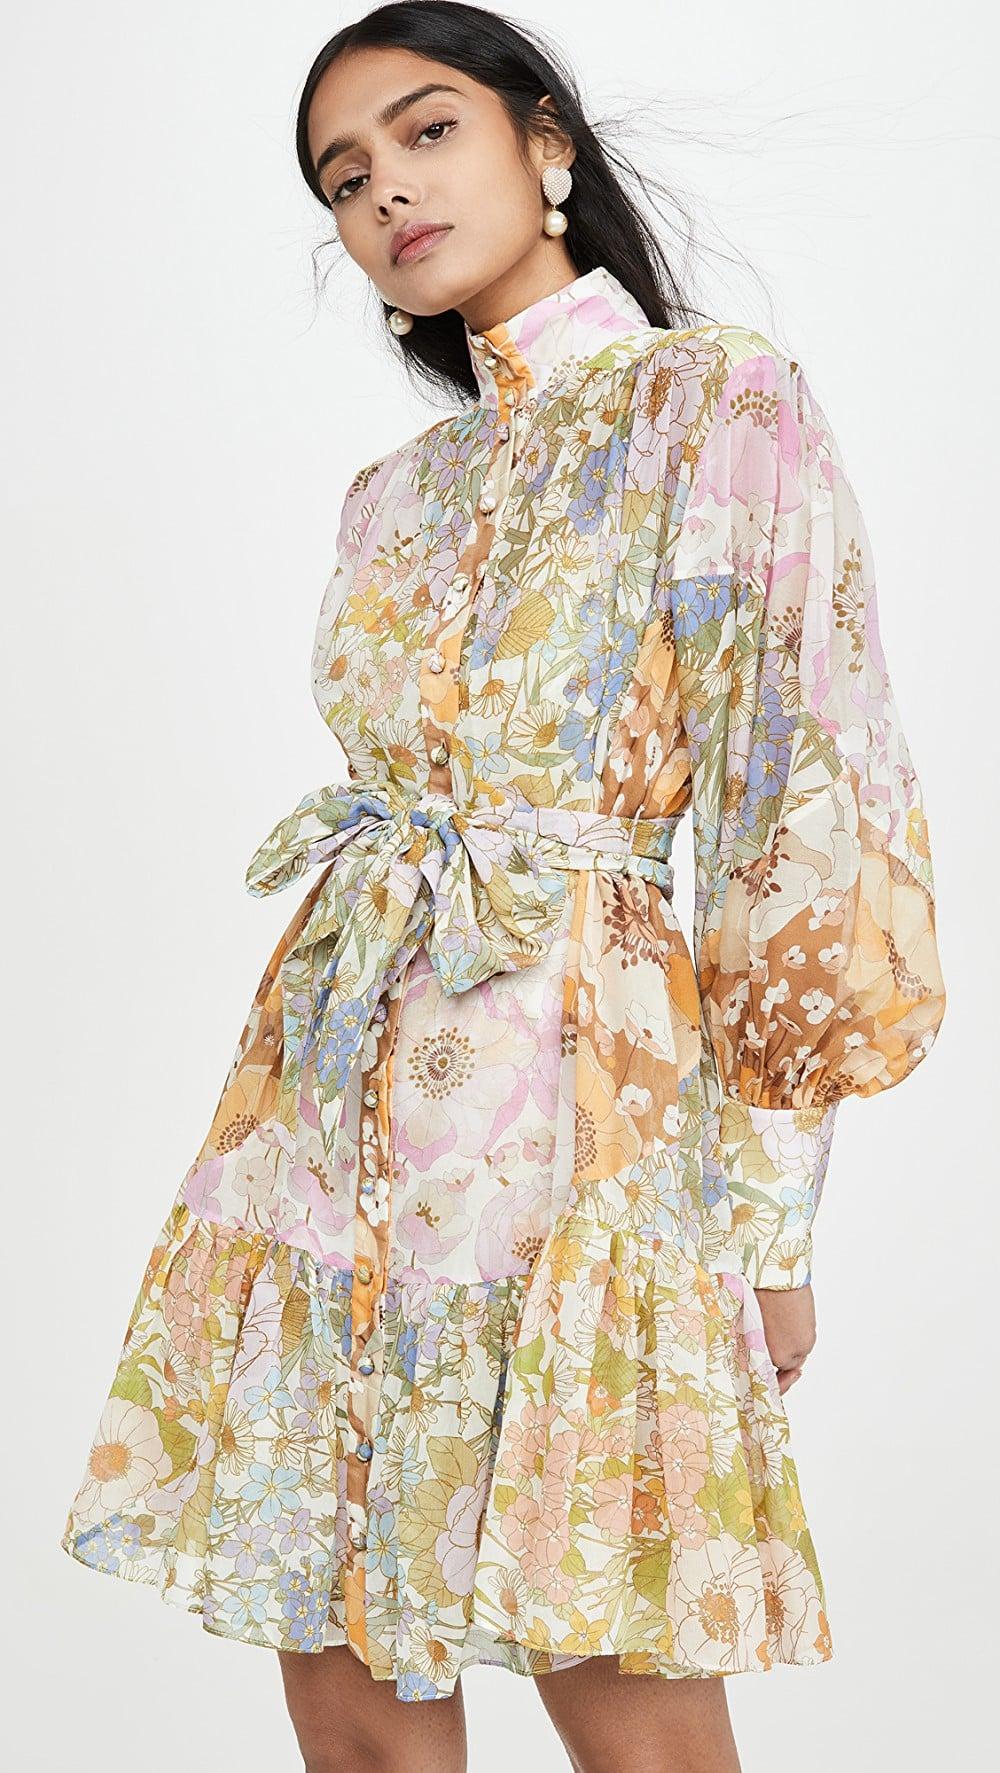 Best Floral Dresses 2020 Popsugar Fashion